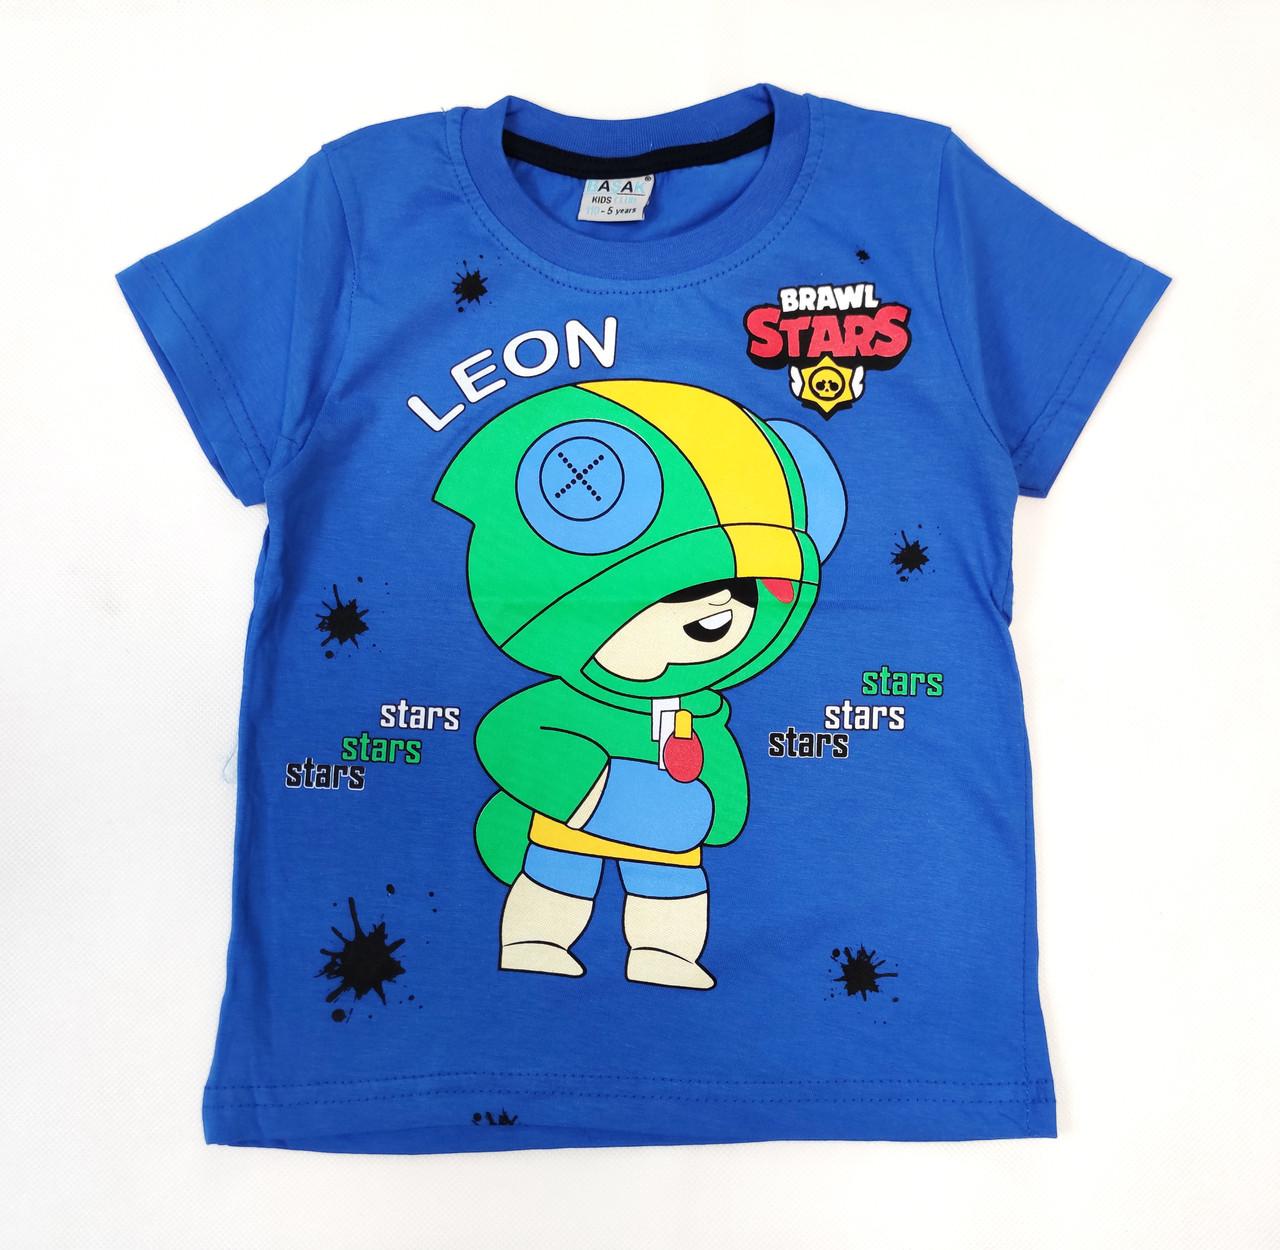 Детская футболка для мальчика бравл старс brawl stars Леон синяя 7-8 лет